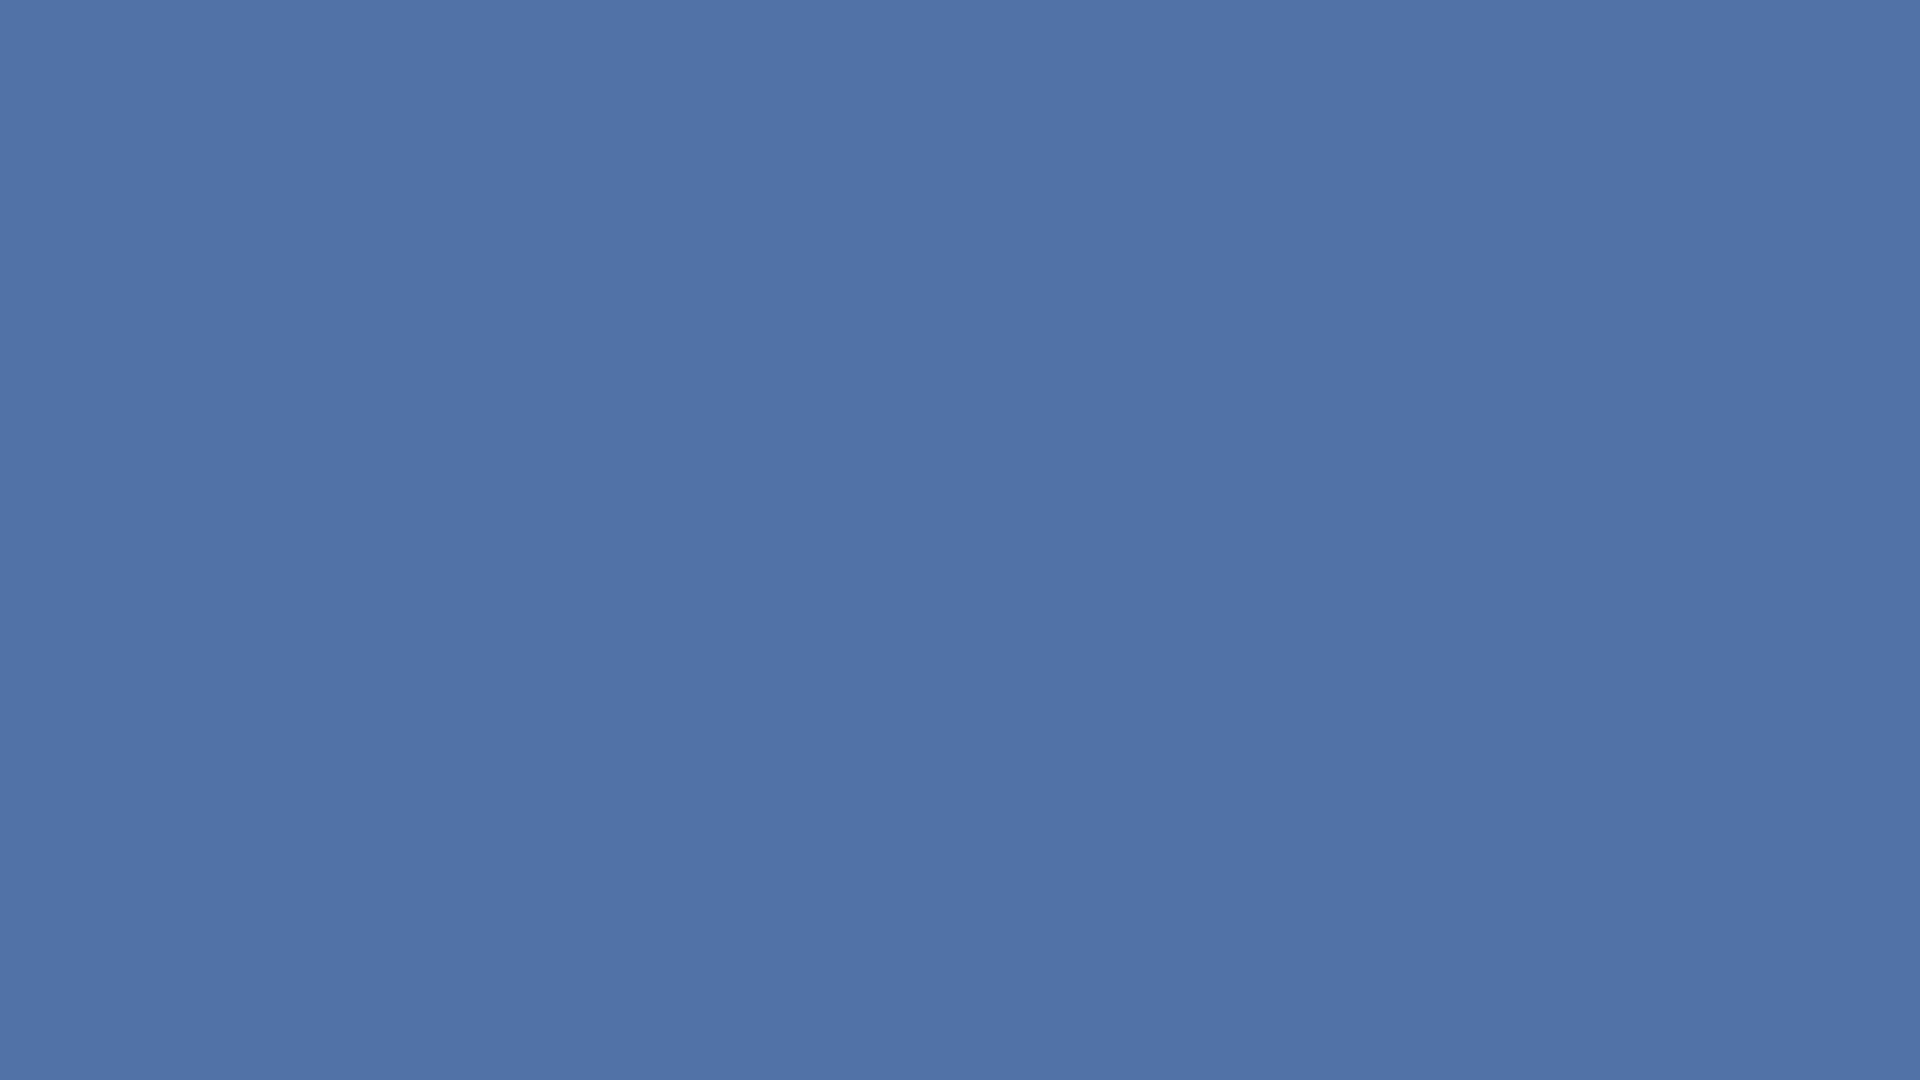 1920x1080 Blue Yonder Solid Color Background